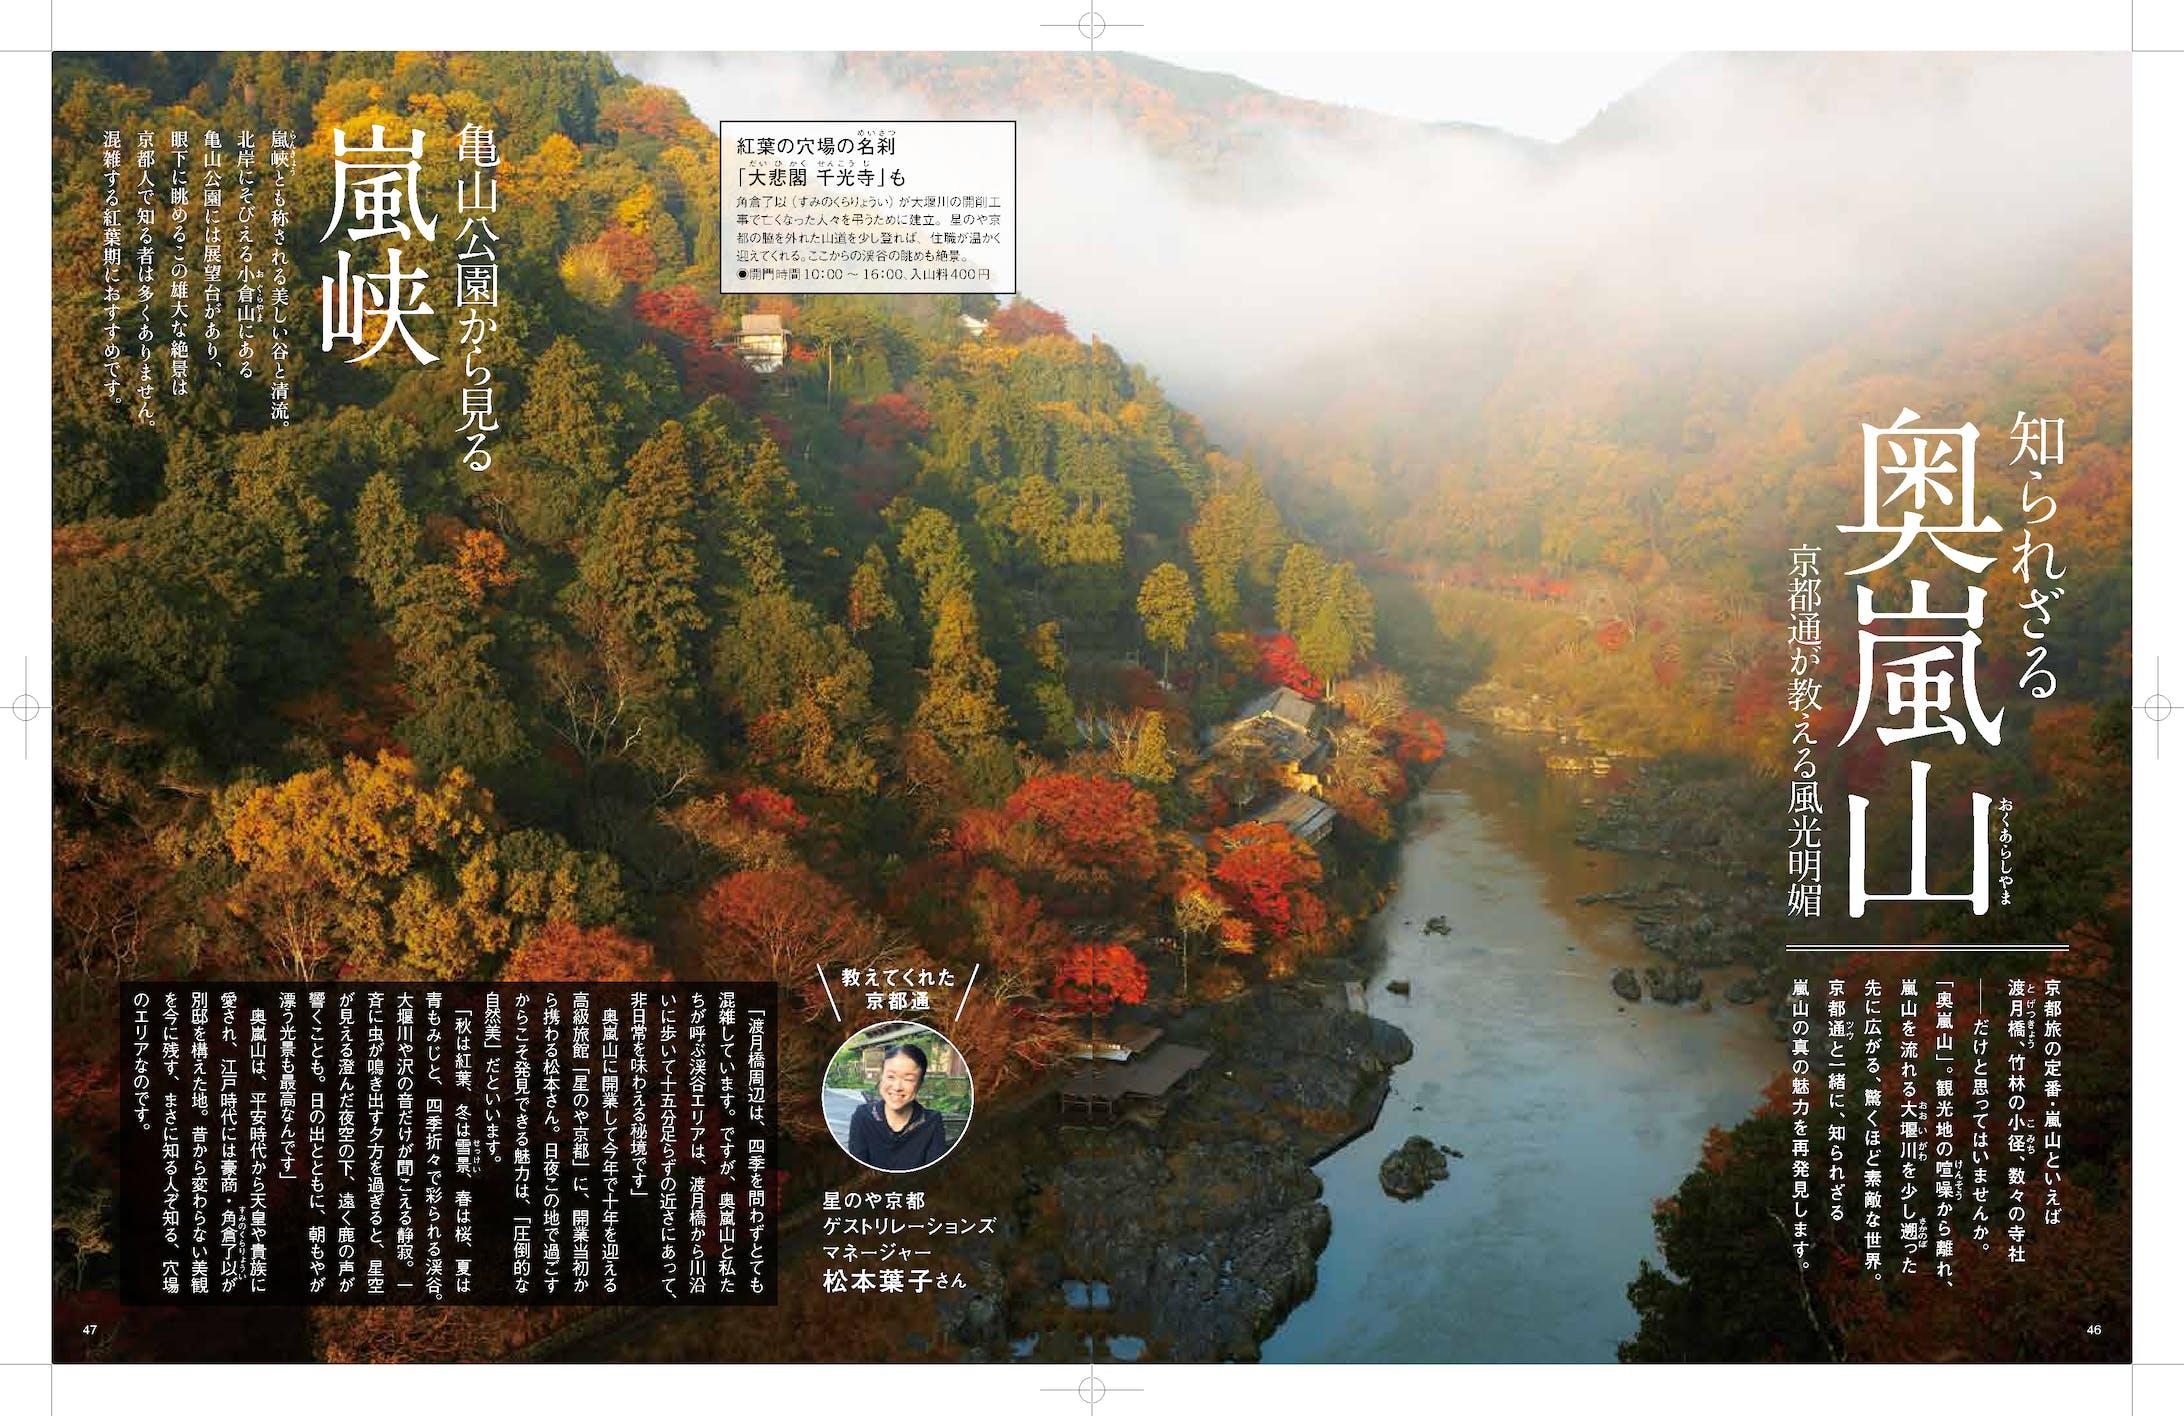 星のや京都 記事-1